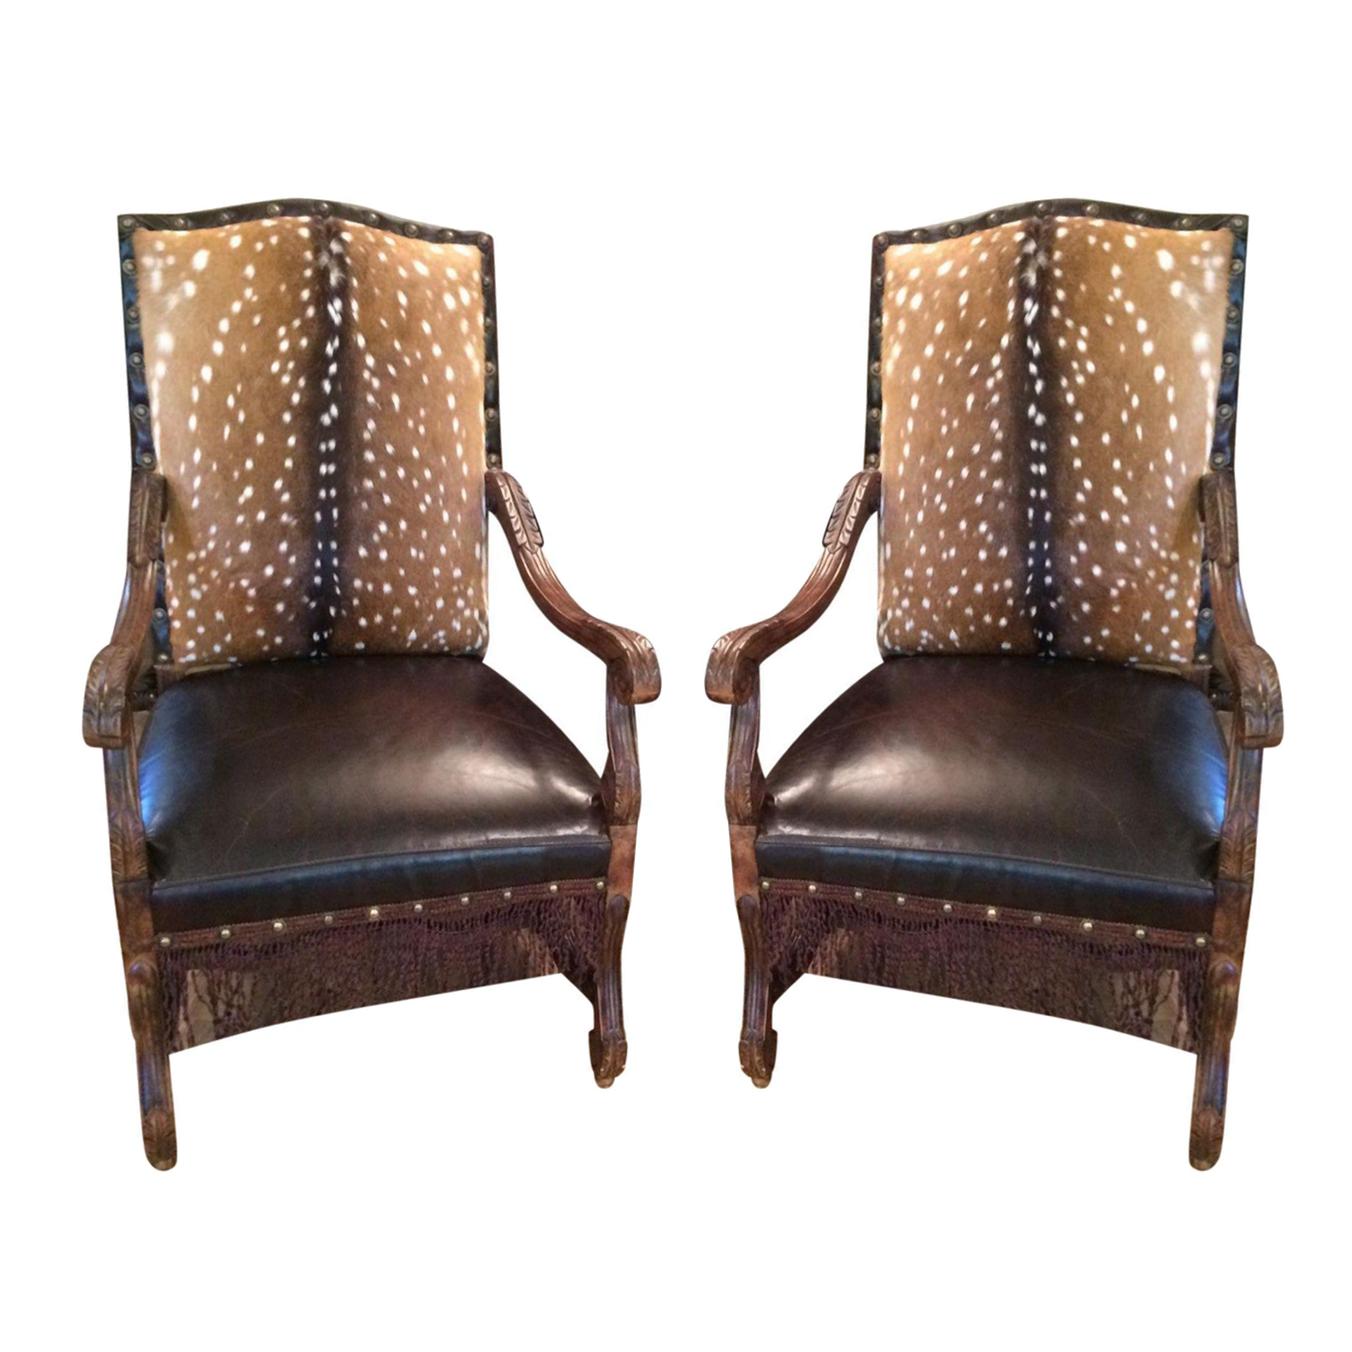 Axis Deer Hide u0026 Leather Armchairs - Pair : Chairish